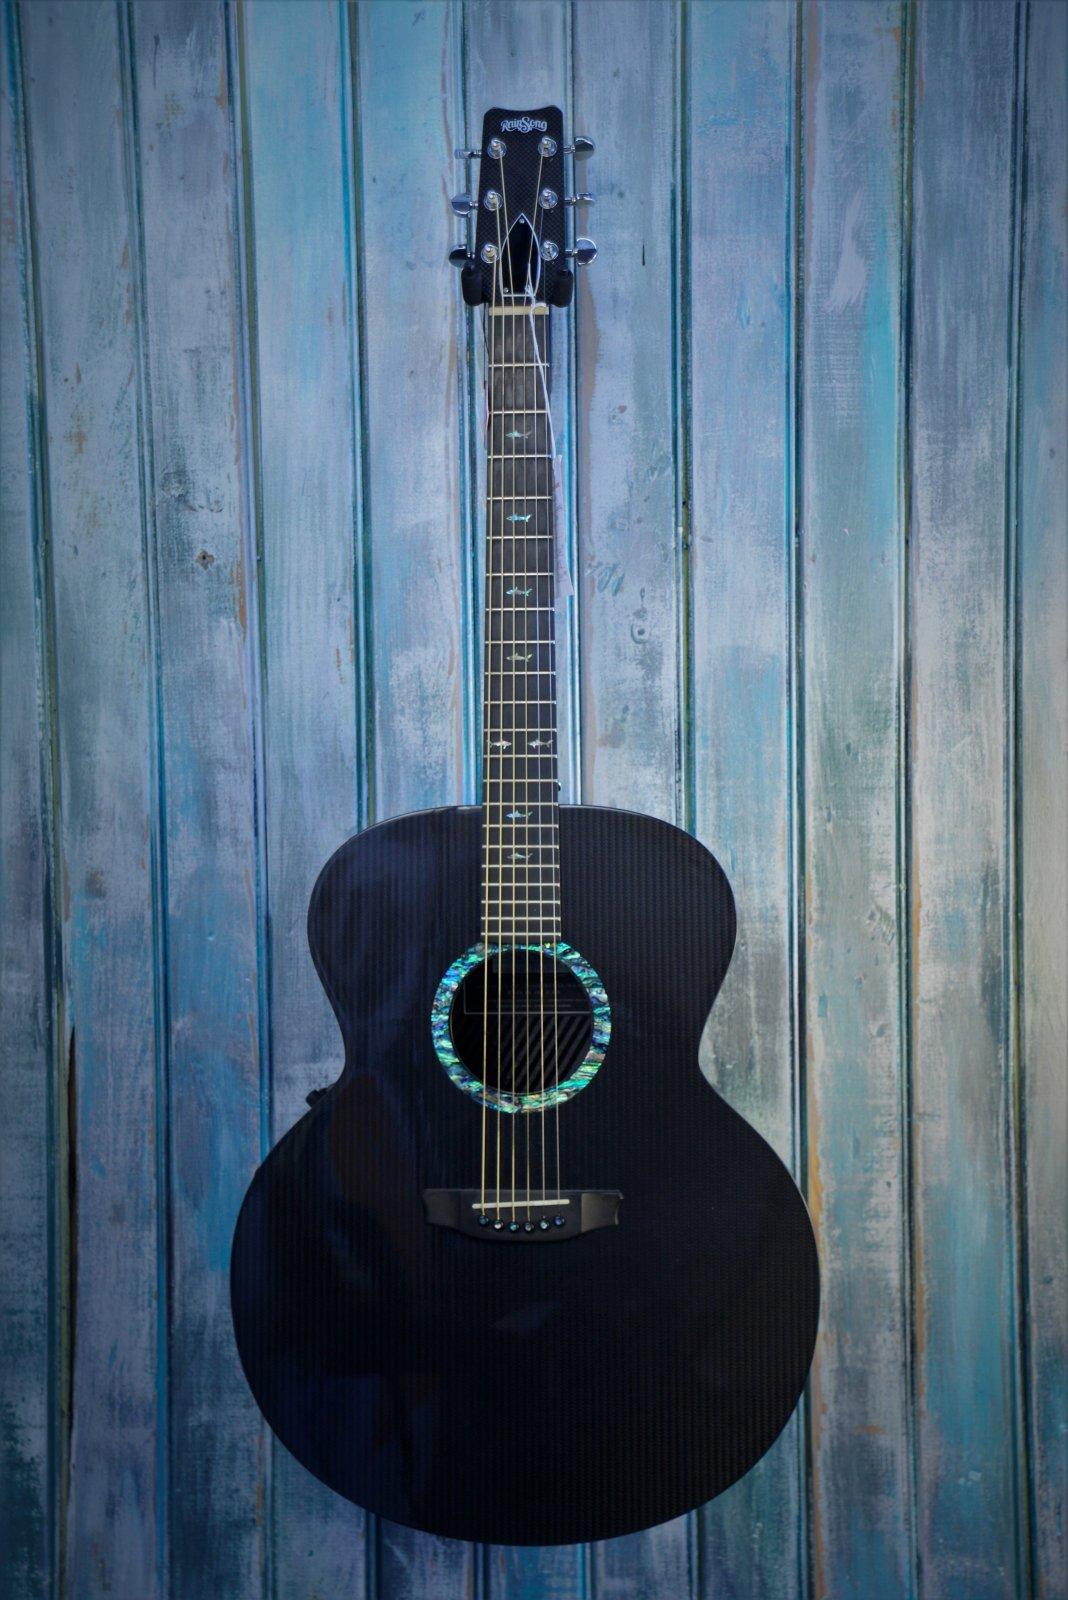 RainSong JM1000N2 Jumbo acoustic guitar